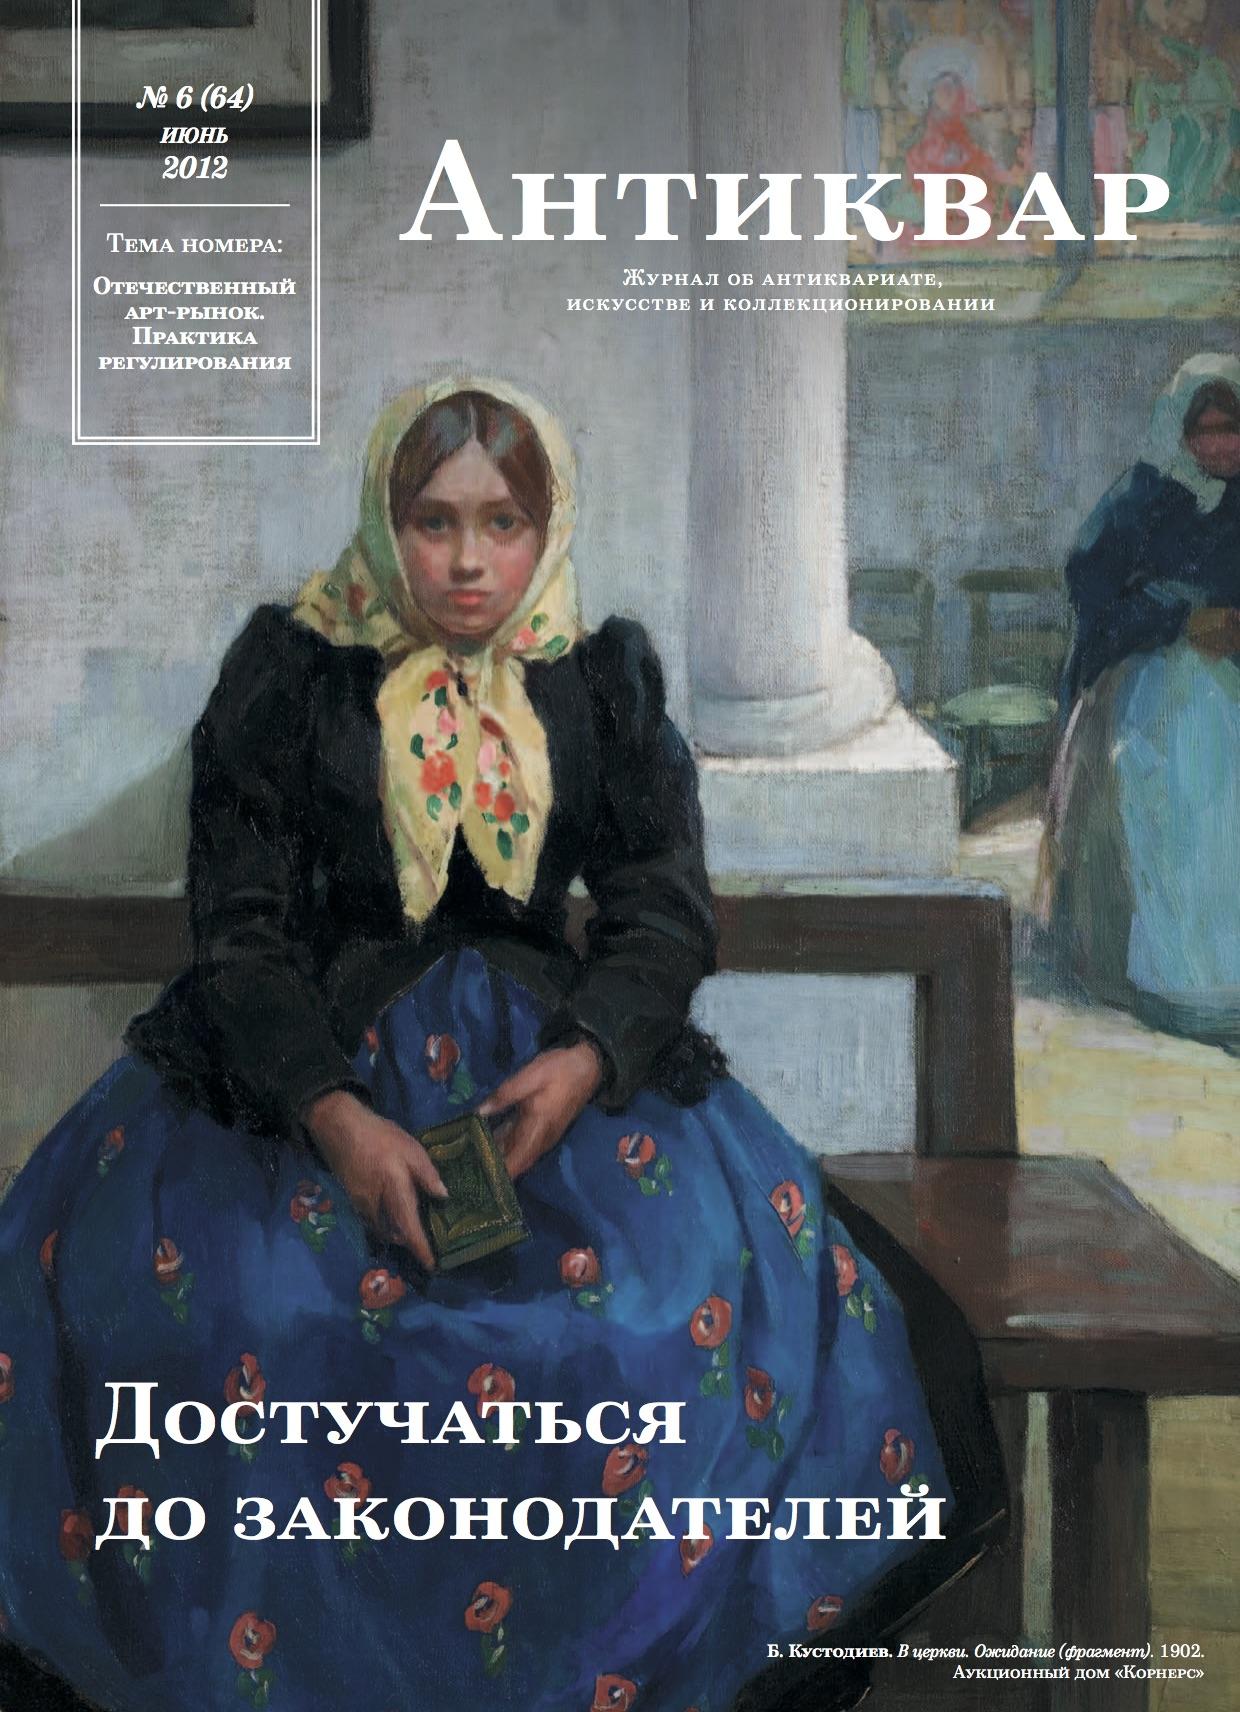 Журнал Антиквар #64: Отечественный арт-рынок. Практика регулирования